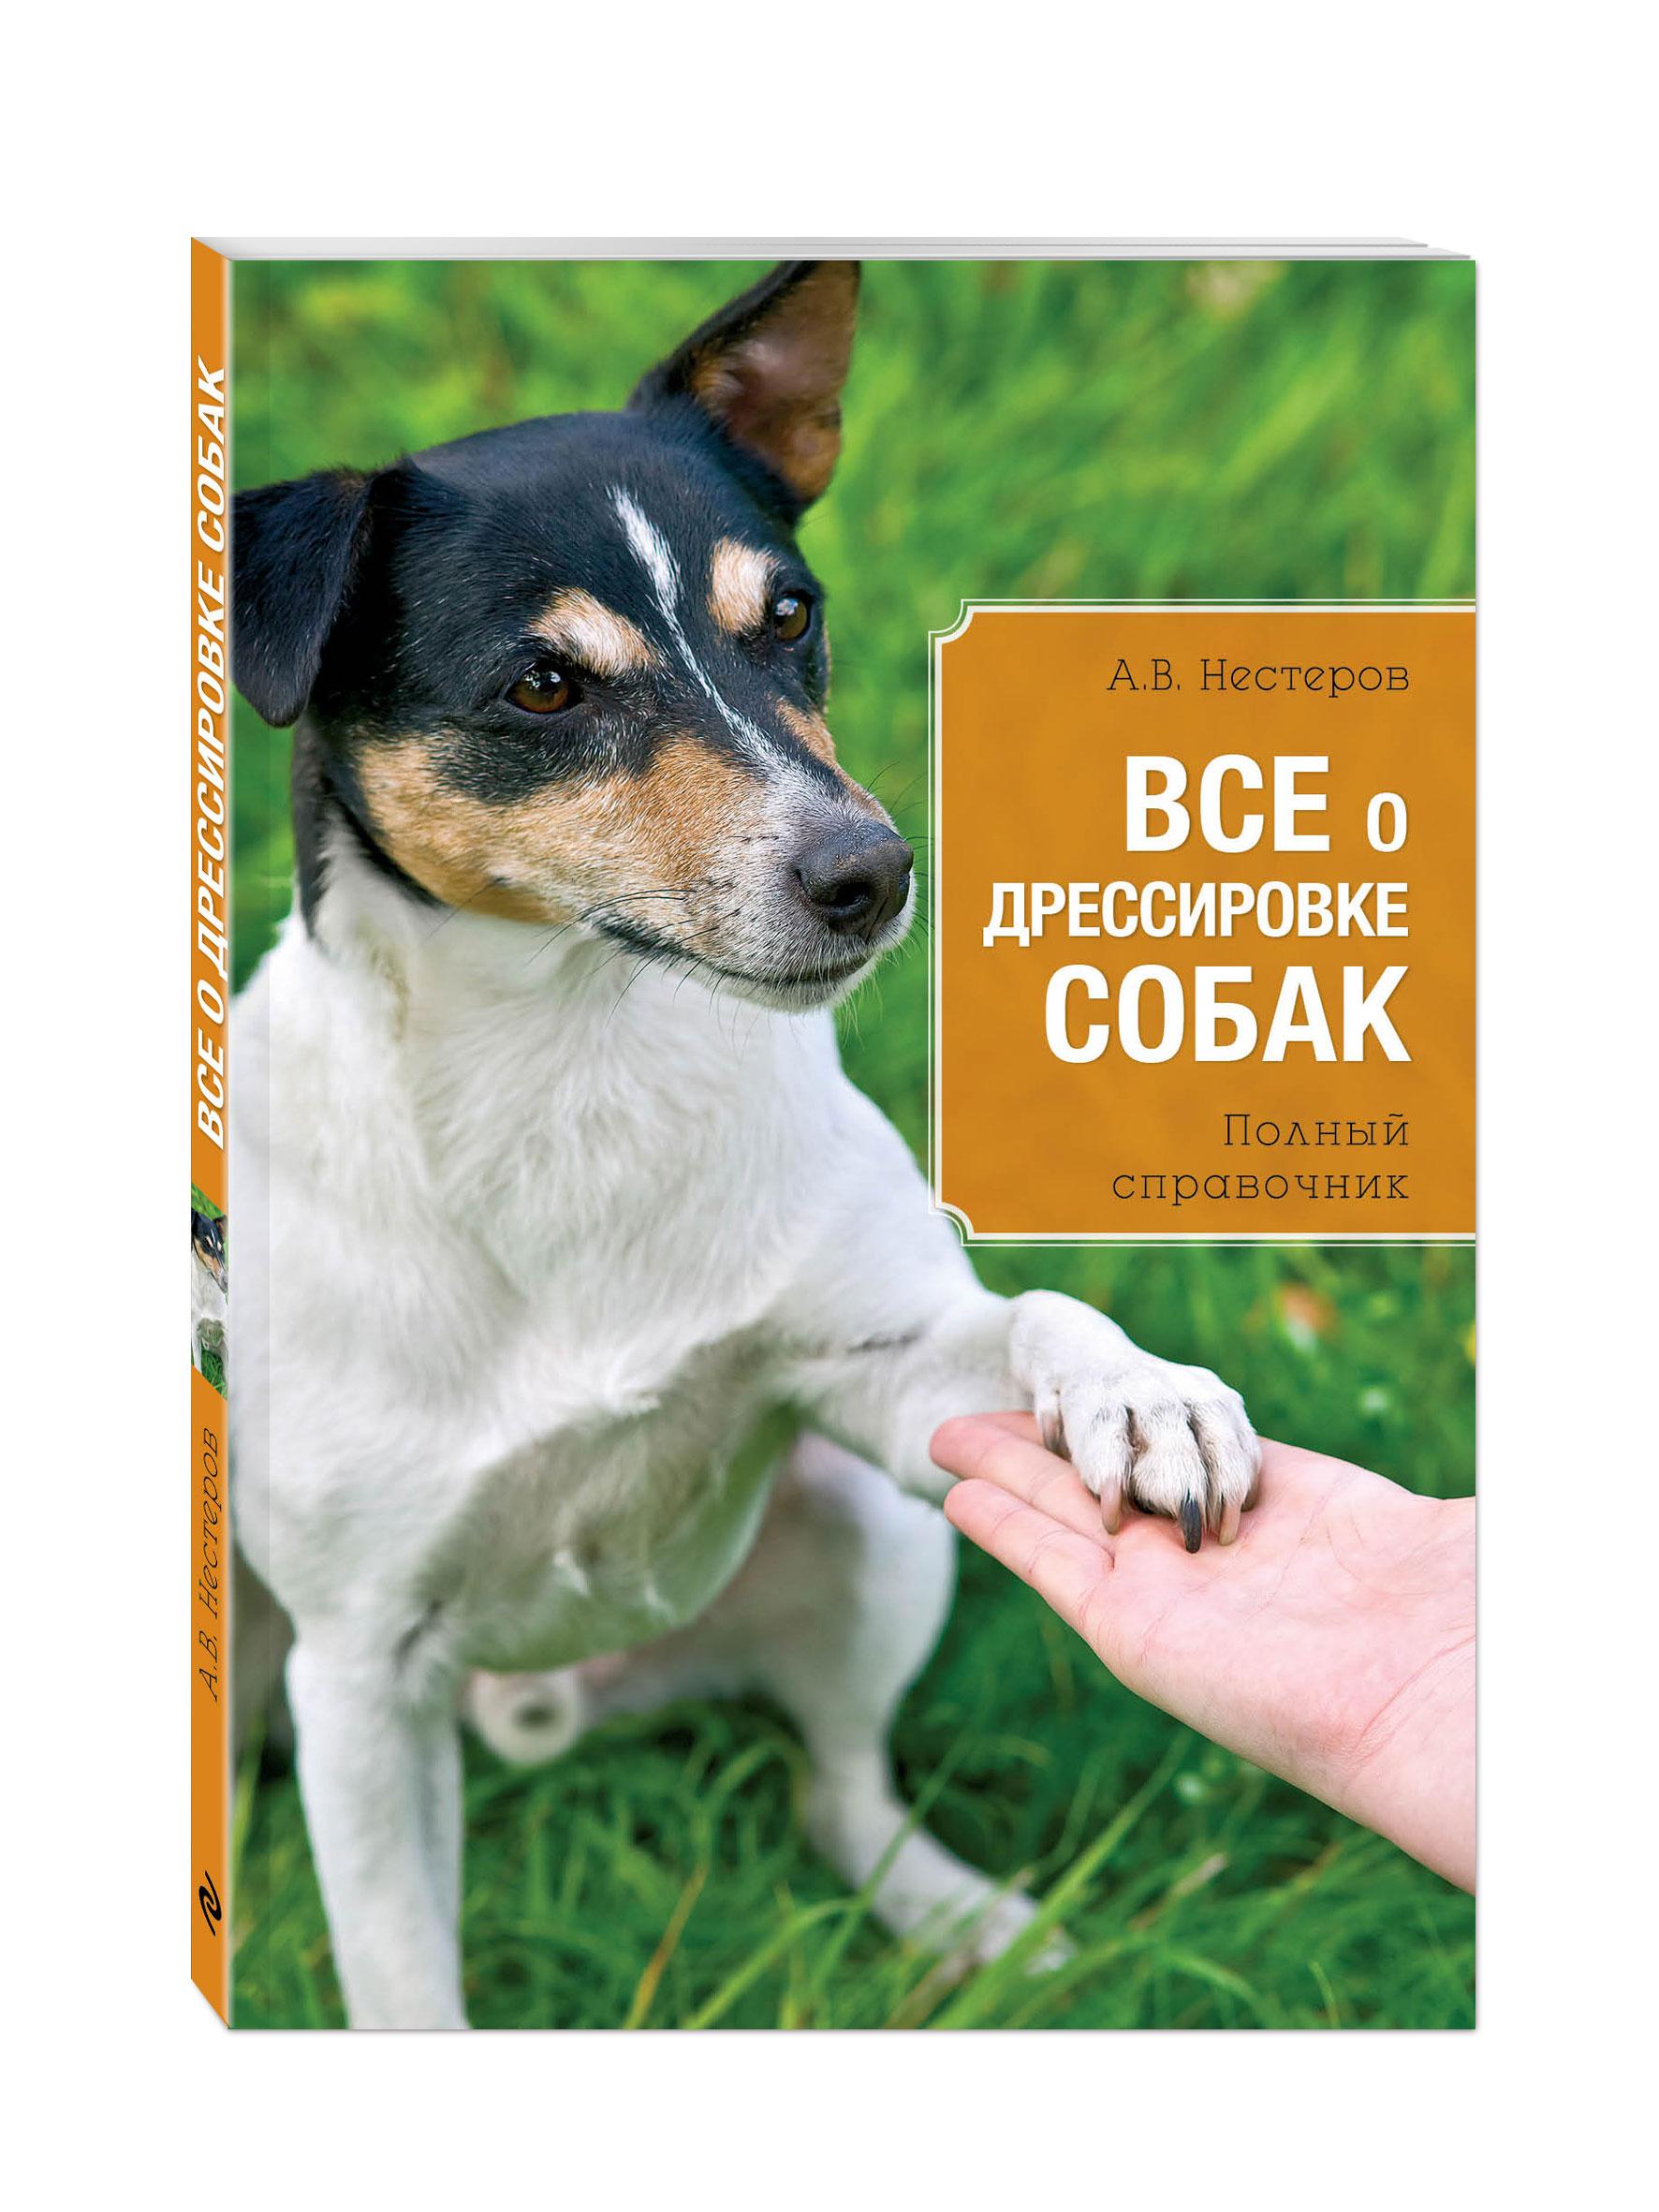 Все о дрессировке собак ( Нестеров А.В.  )